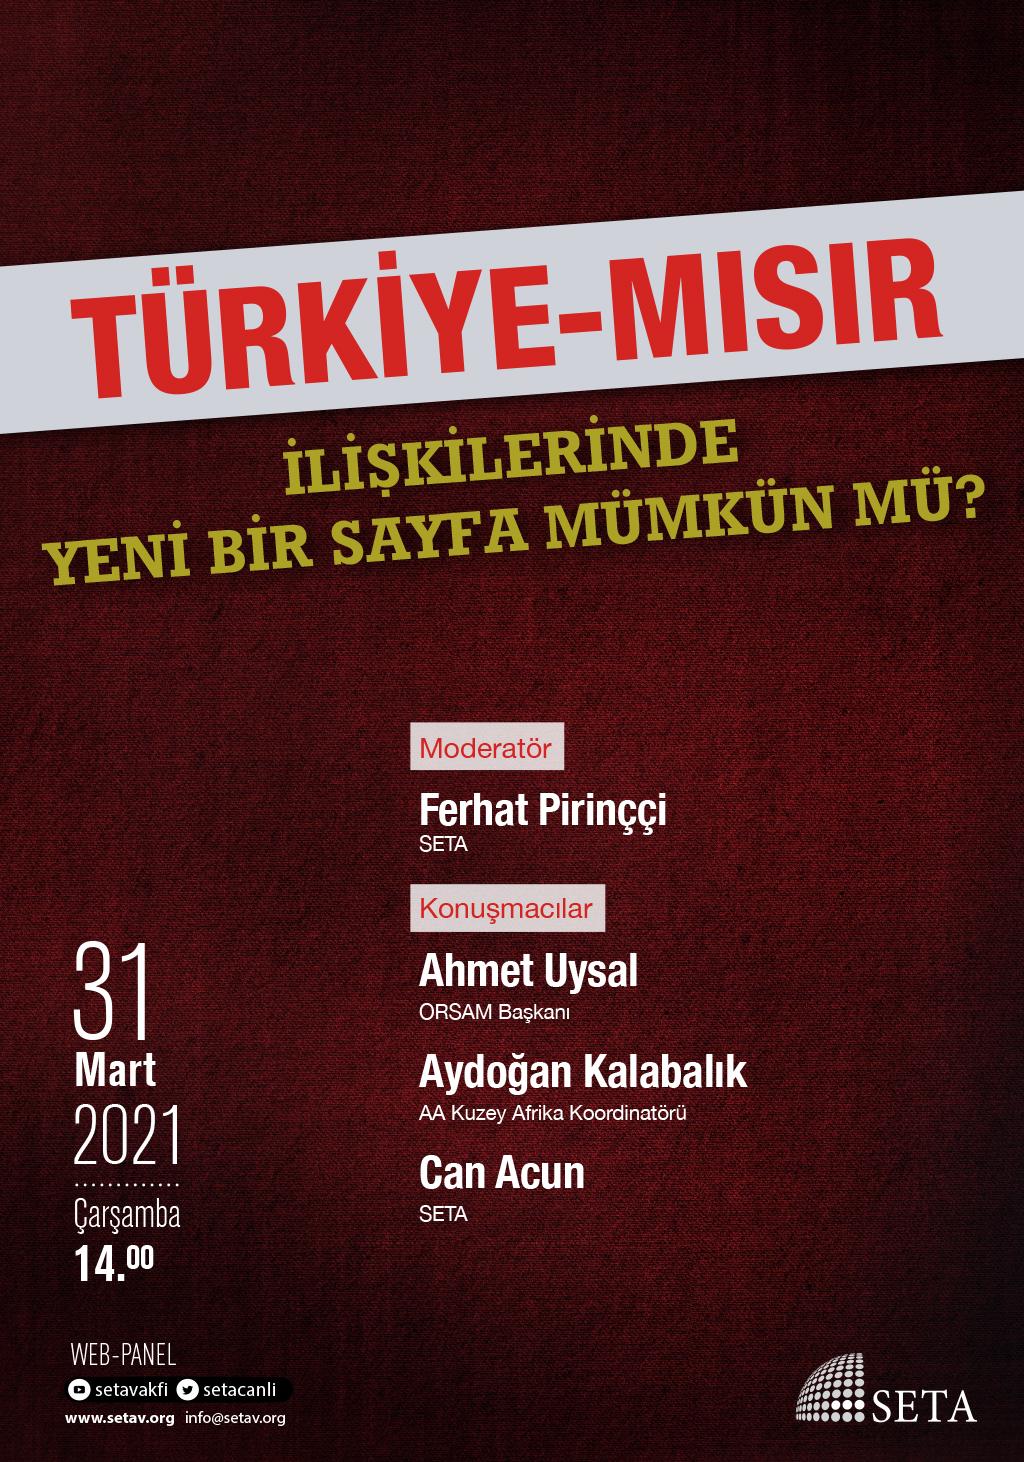 Web Panel: Türkiye-Mısır İlişkilerine Yeni Bir Sayfa Mümkün mü?